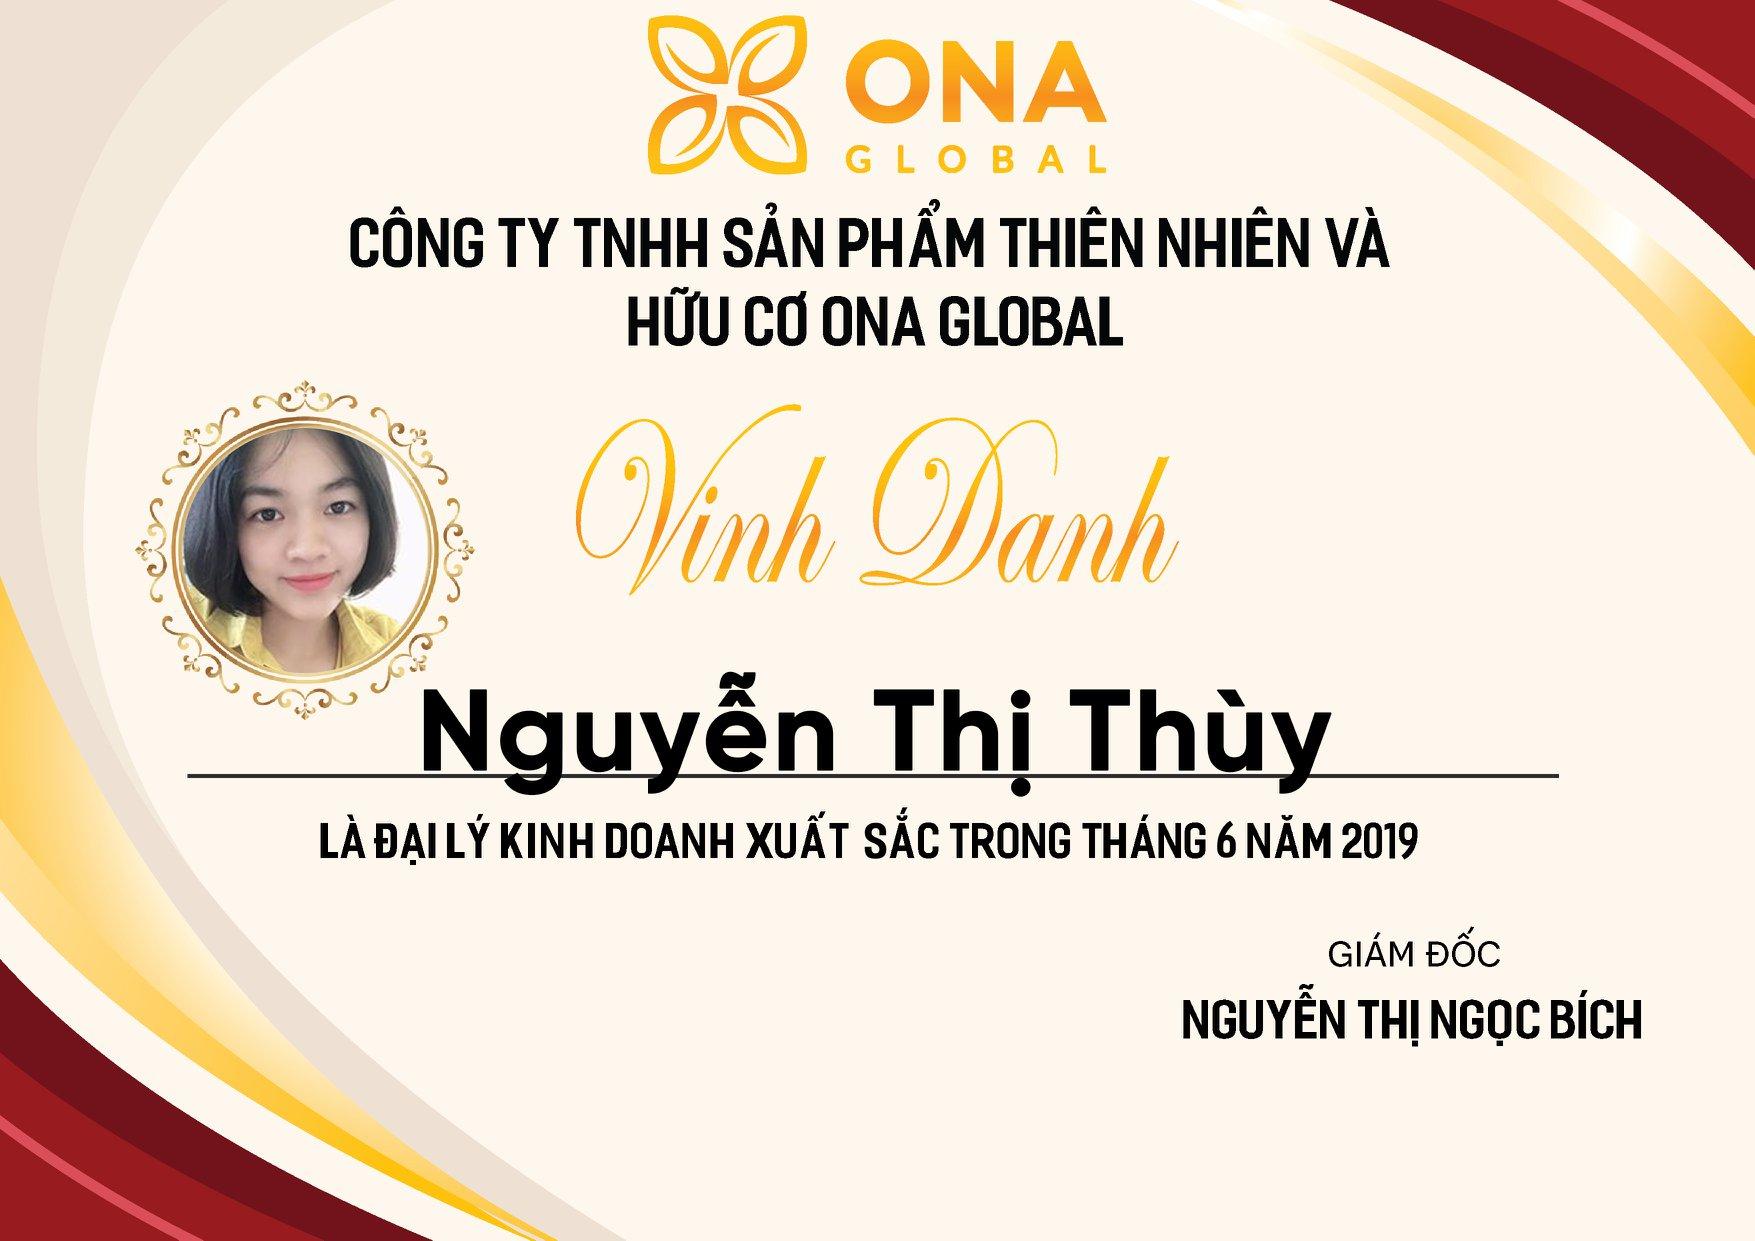 Vượt qua khoảng cách địa lý, nữ kế toán đến từ Điện Biên trở thành đại lý của ONA Global - Ảnh 4